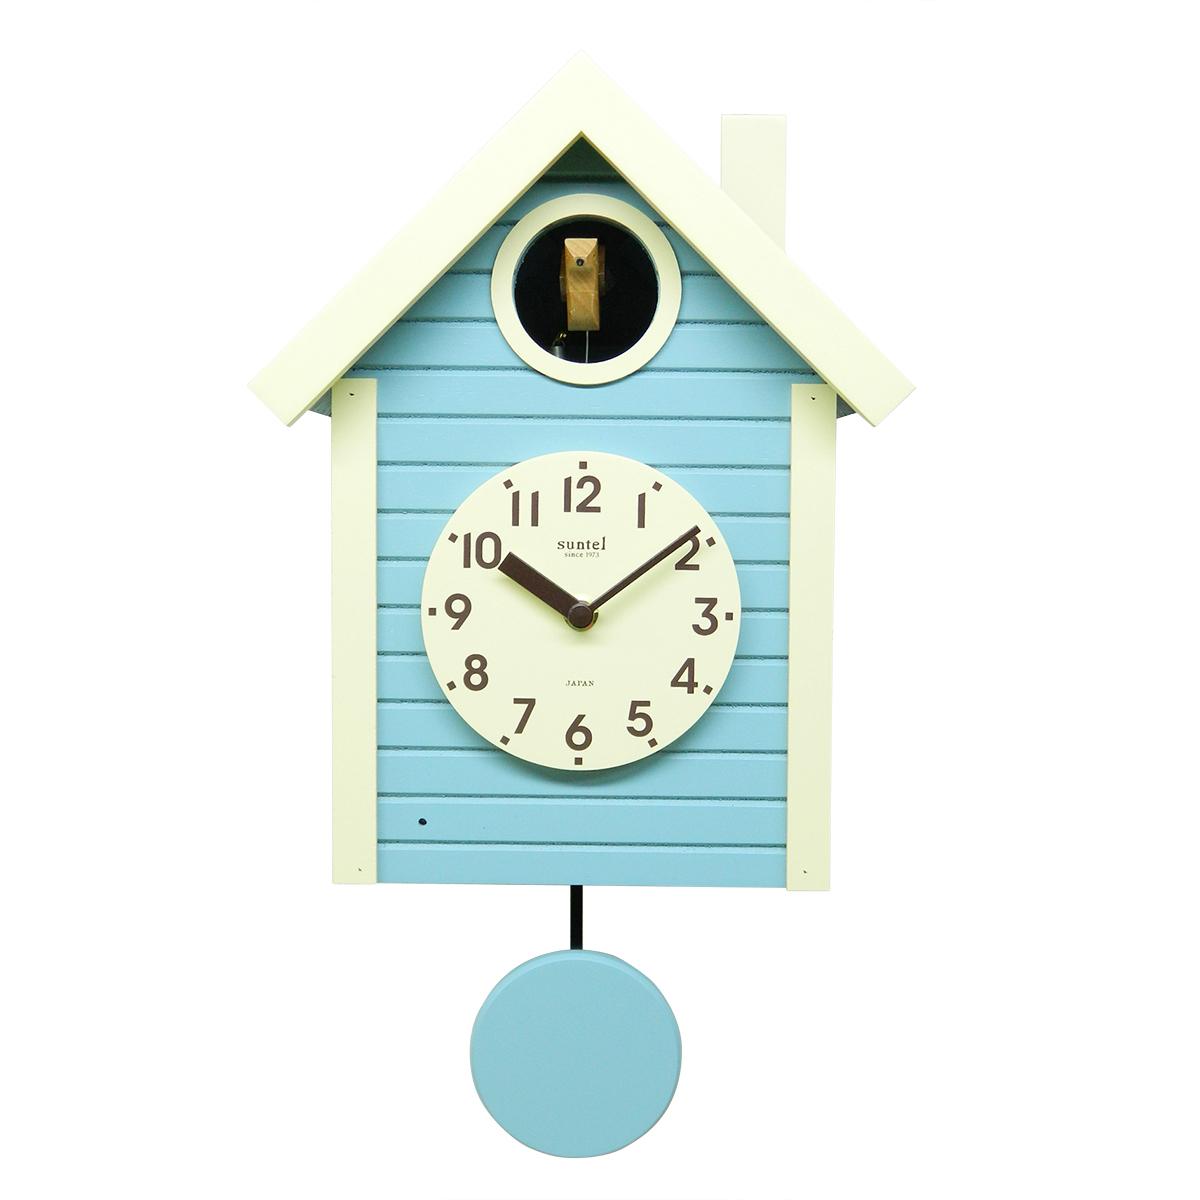 鳩時計 おしゃれ 電波 北欧 さんてる 木製 アクアブルー 掛け時計 壁掛け時計 柱時計 日本製 ギフト プレゼント インテリア ナイトセンサー リビング レトロ